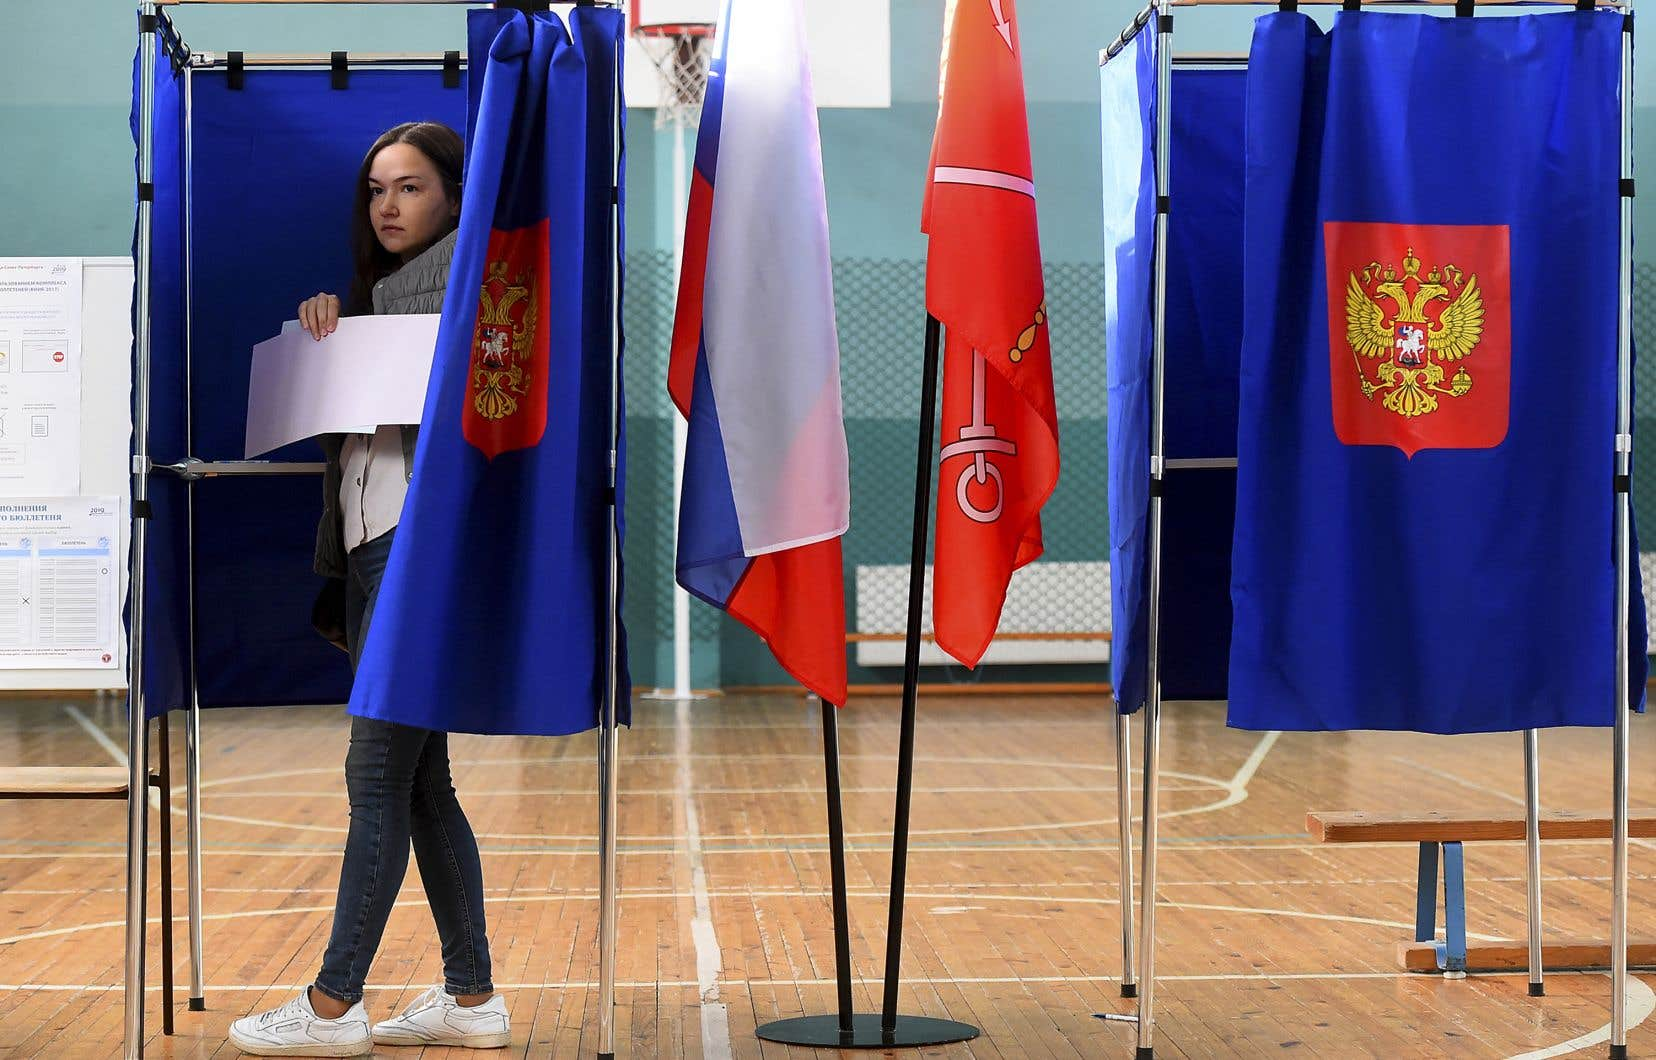 La participation s'annonçait décevante dans la capitale russe, où seuls 17,2% des électeurs s'étaient déplacés à 18h.